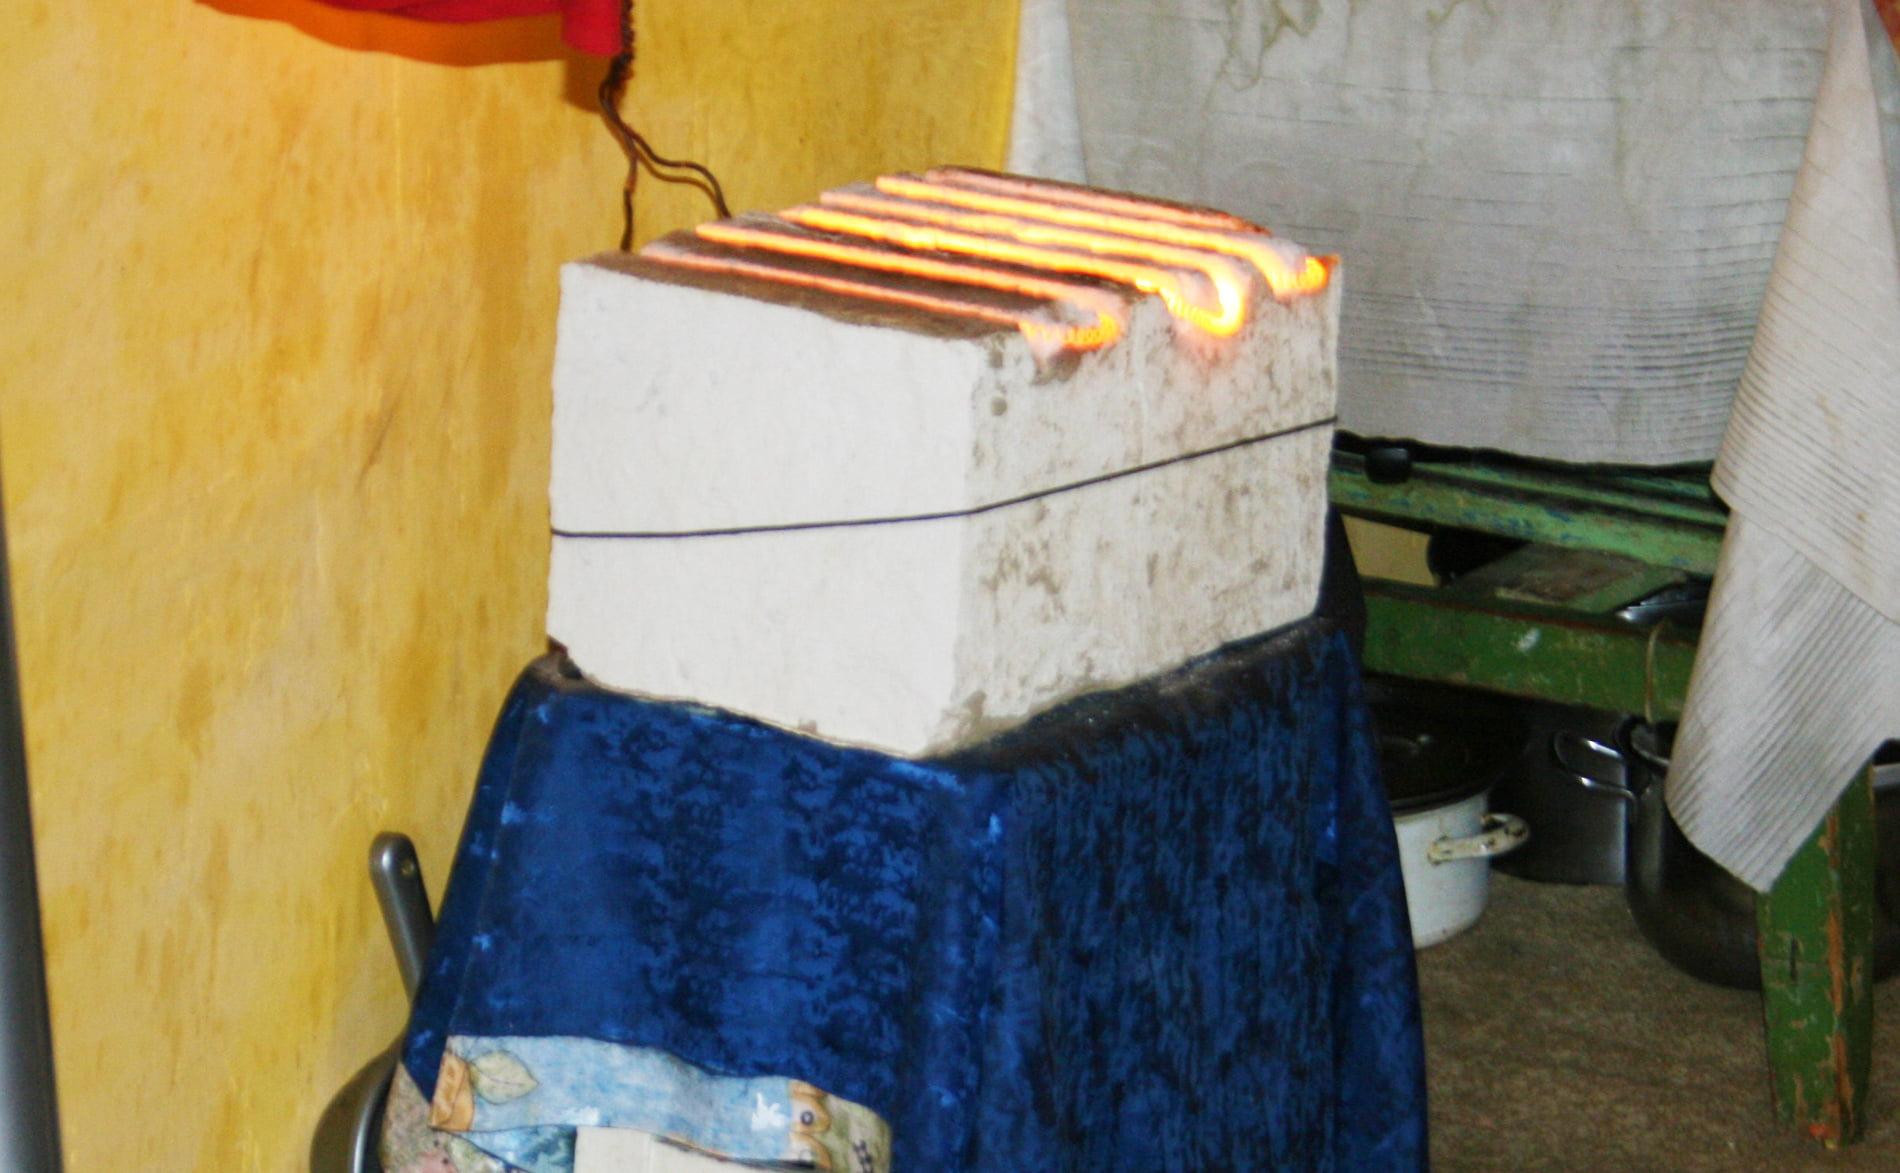 Reguli pentru evitarea tragediilor provocate de  aparatele electrice, în sezonul rece